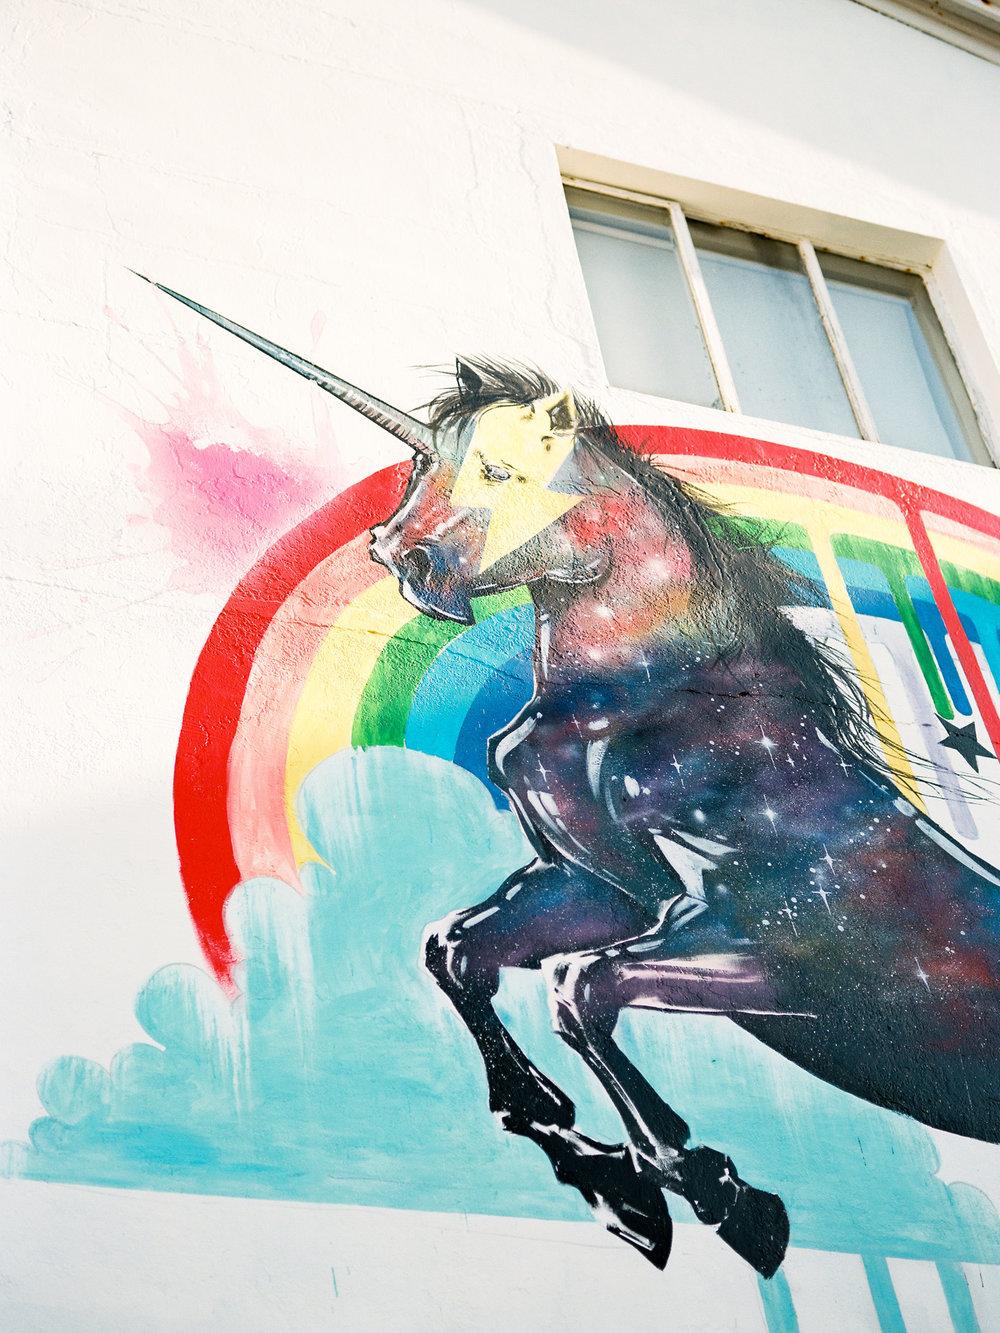 iceland reykjavik unicorn mural street art.jpg